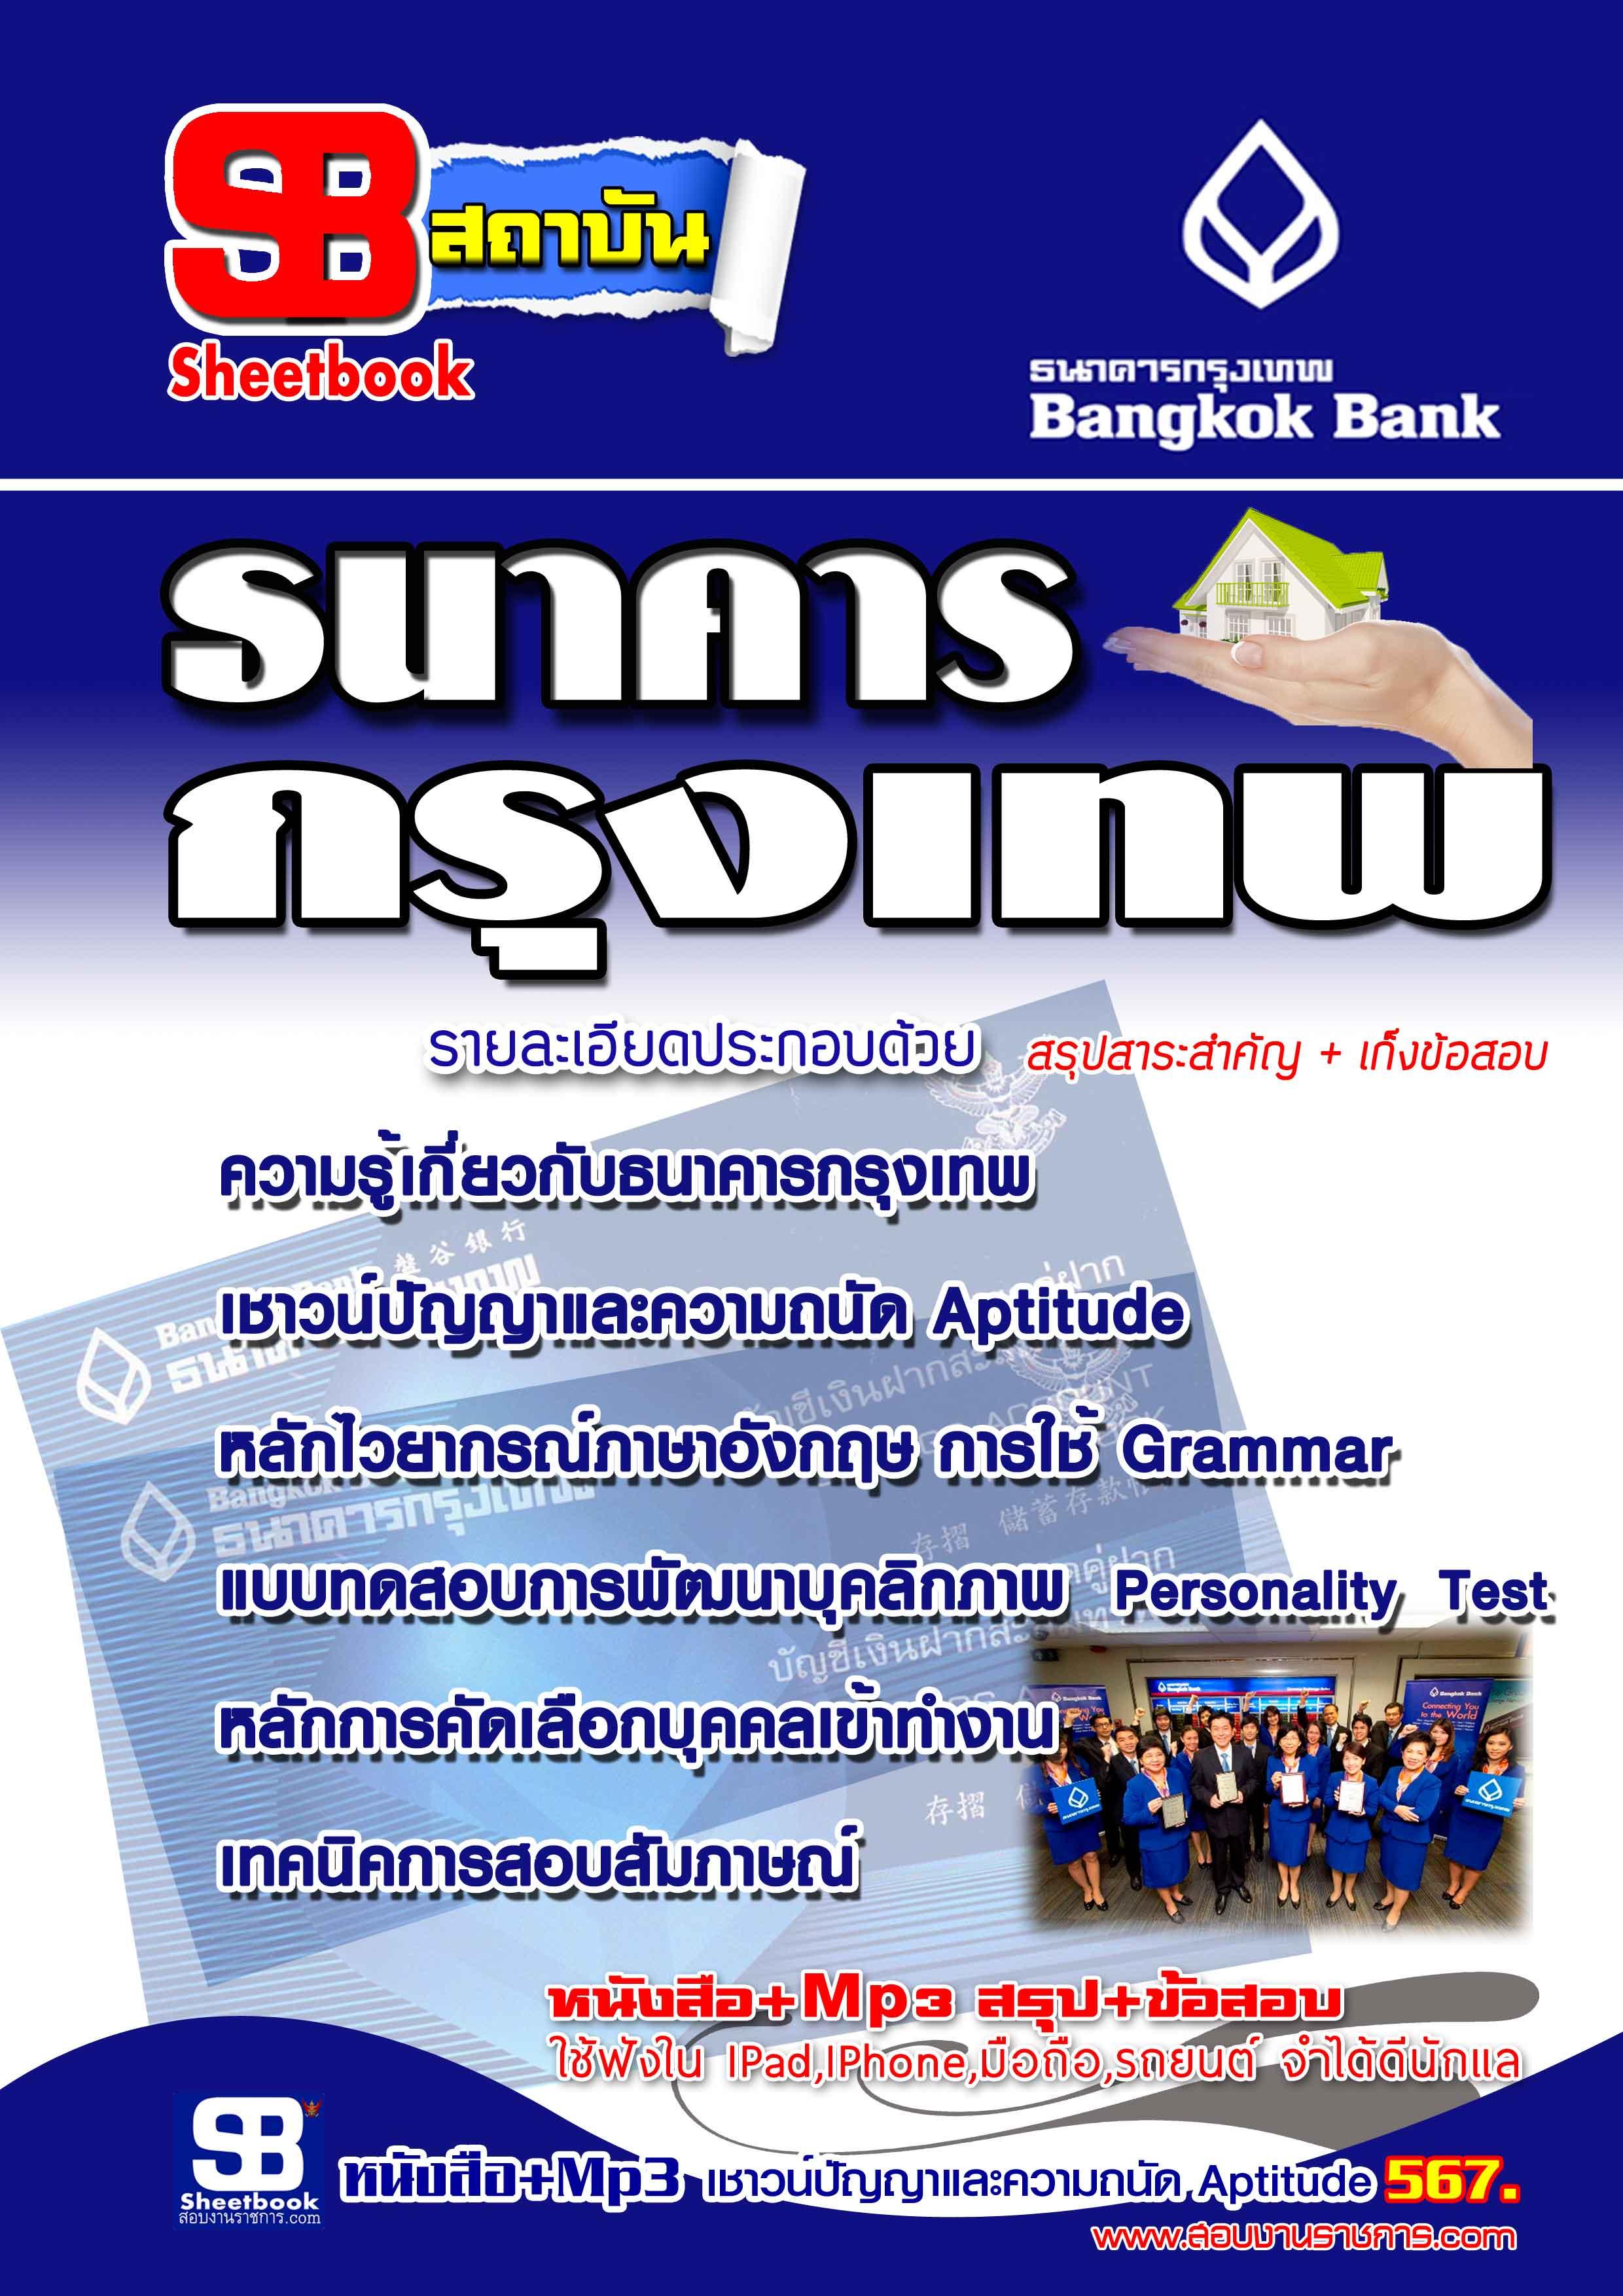 คู่มือสอบ แนวข้อสอบ ธนาคารกรุงเทพ (หนังสือ+MP3)